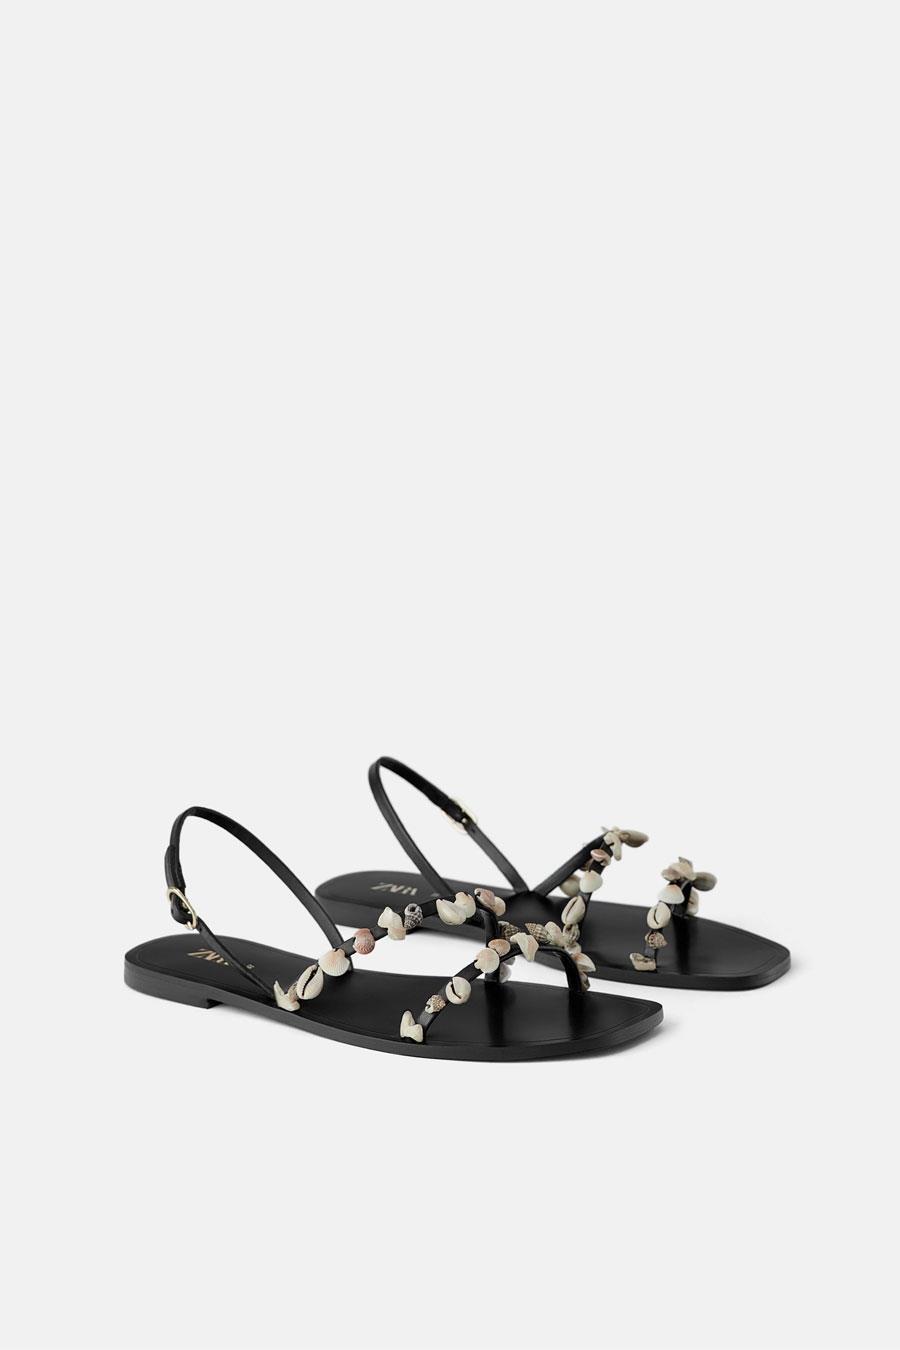 d7fcf670 81 / 782. Sandalias con conchas de Zara